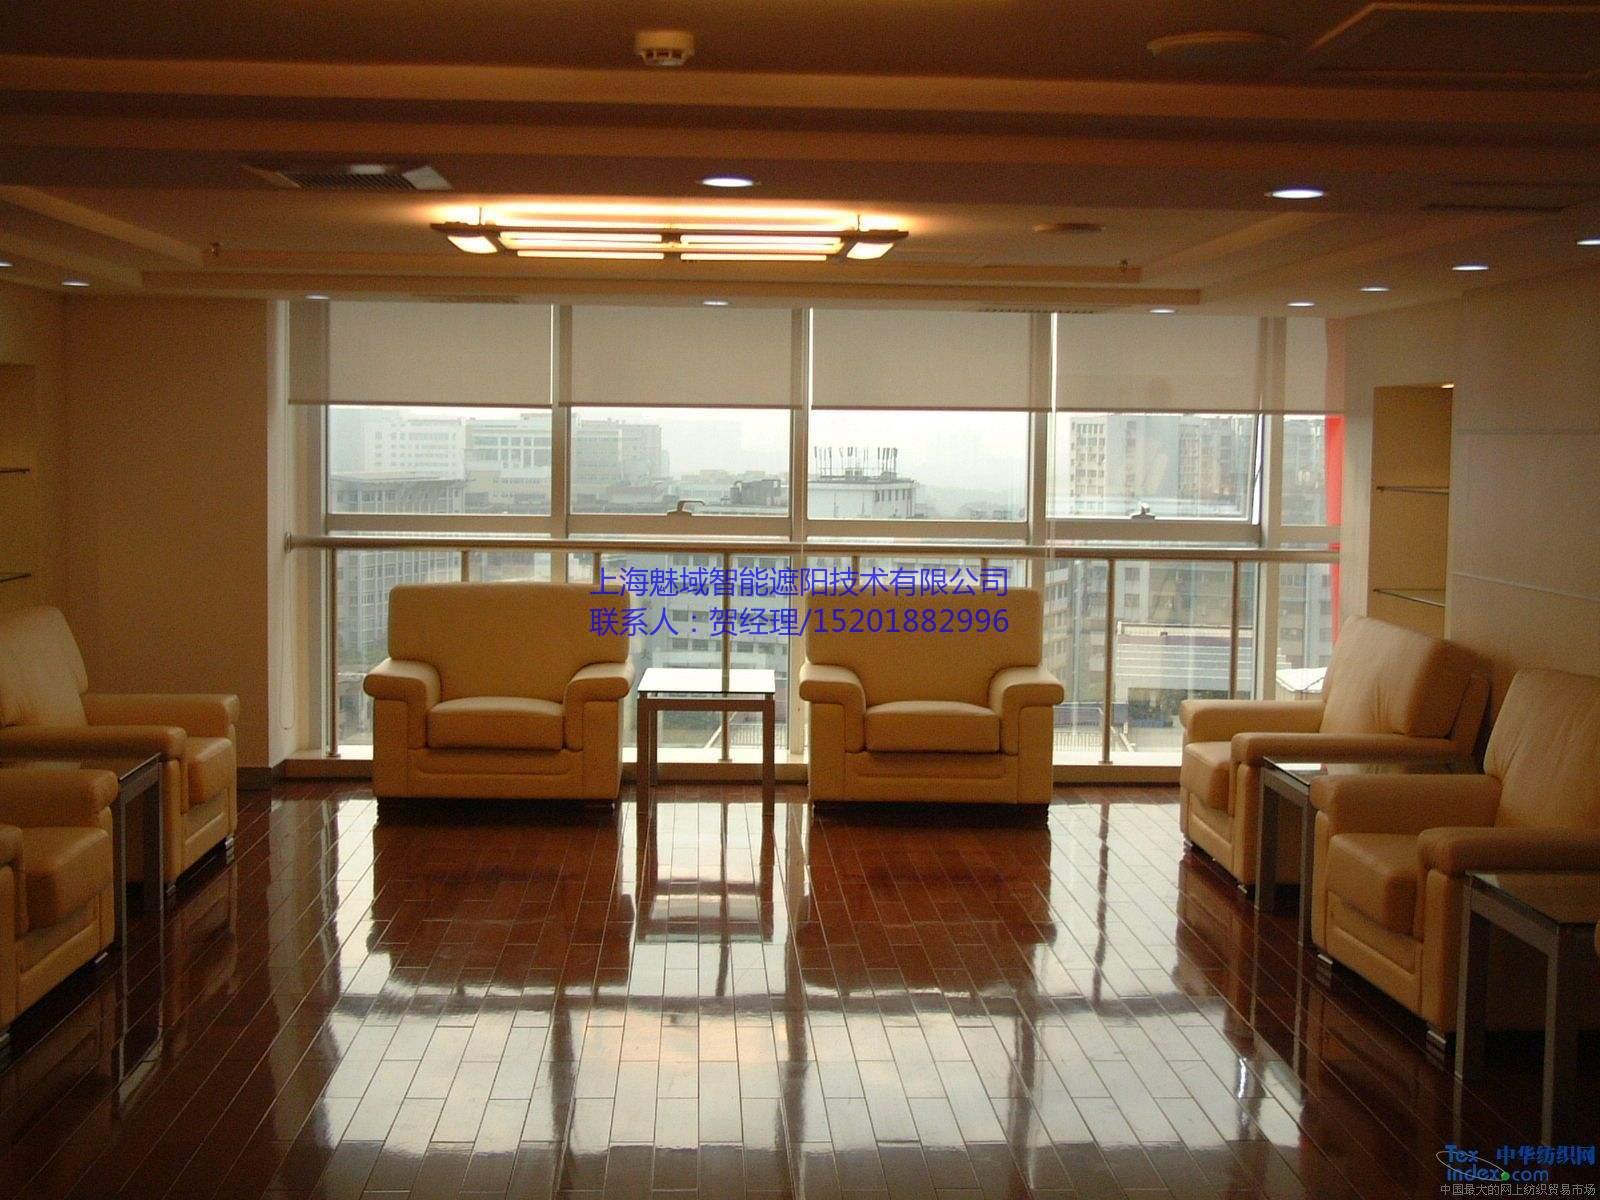 上海电动窗帘,魅域遮阳,15201882996